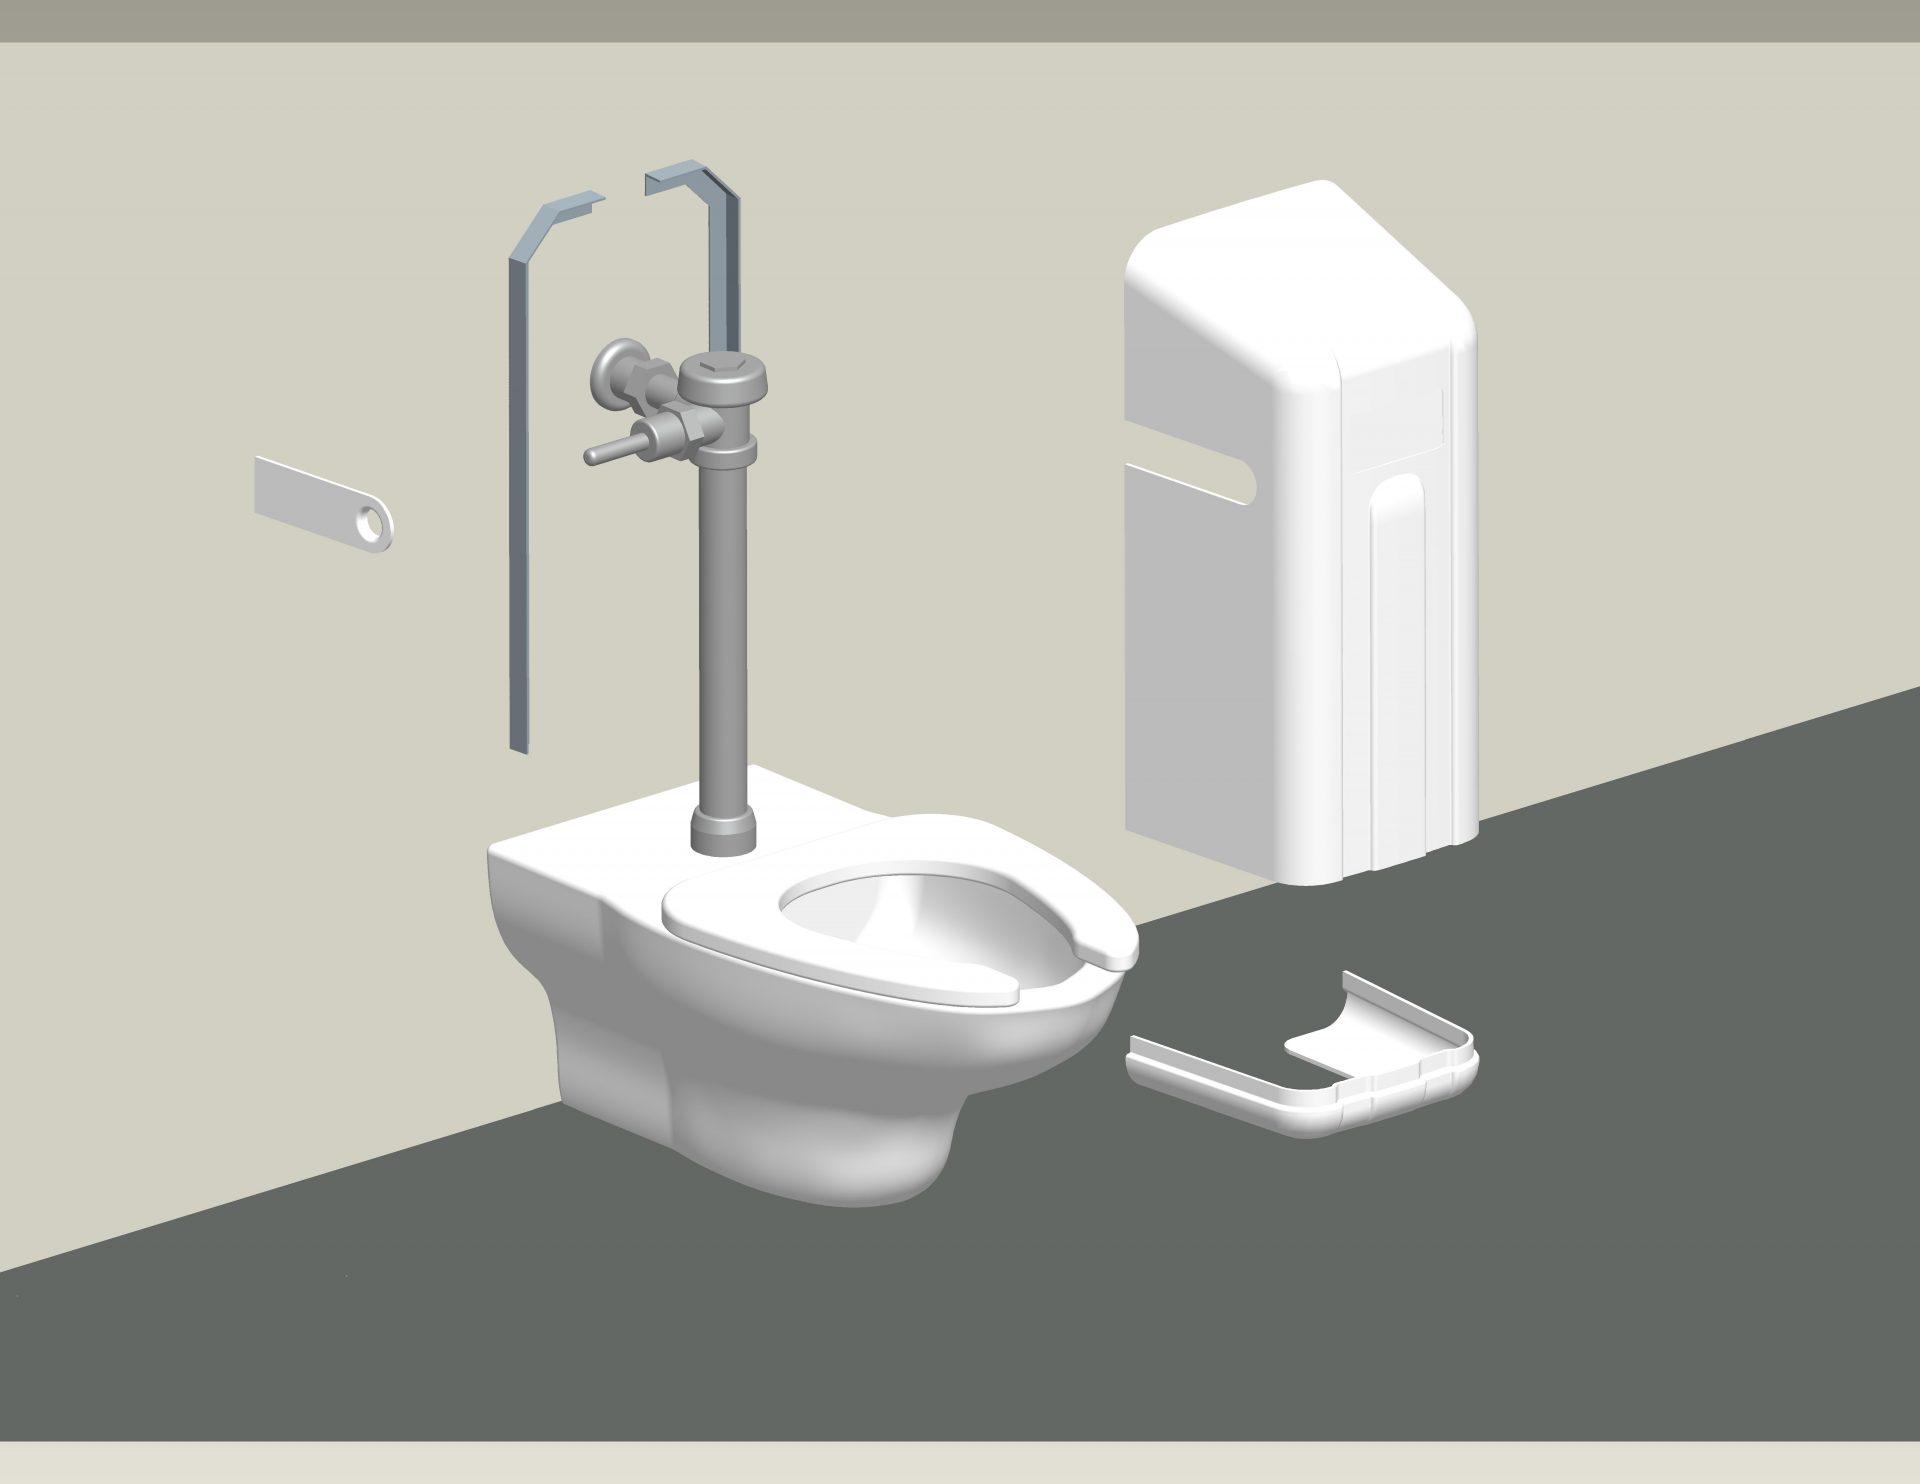 Toilet Flush Cover : Ligature resistant flush valve cover behavioral safety